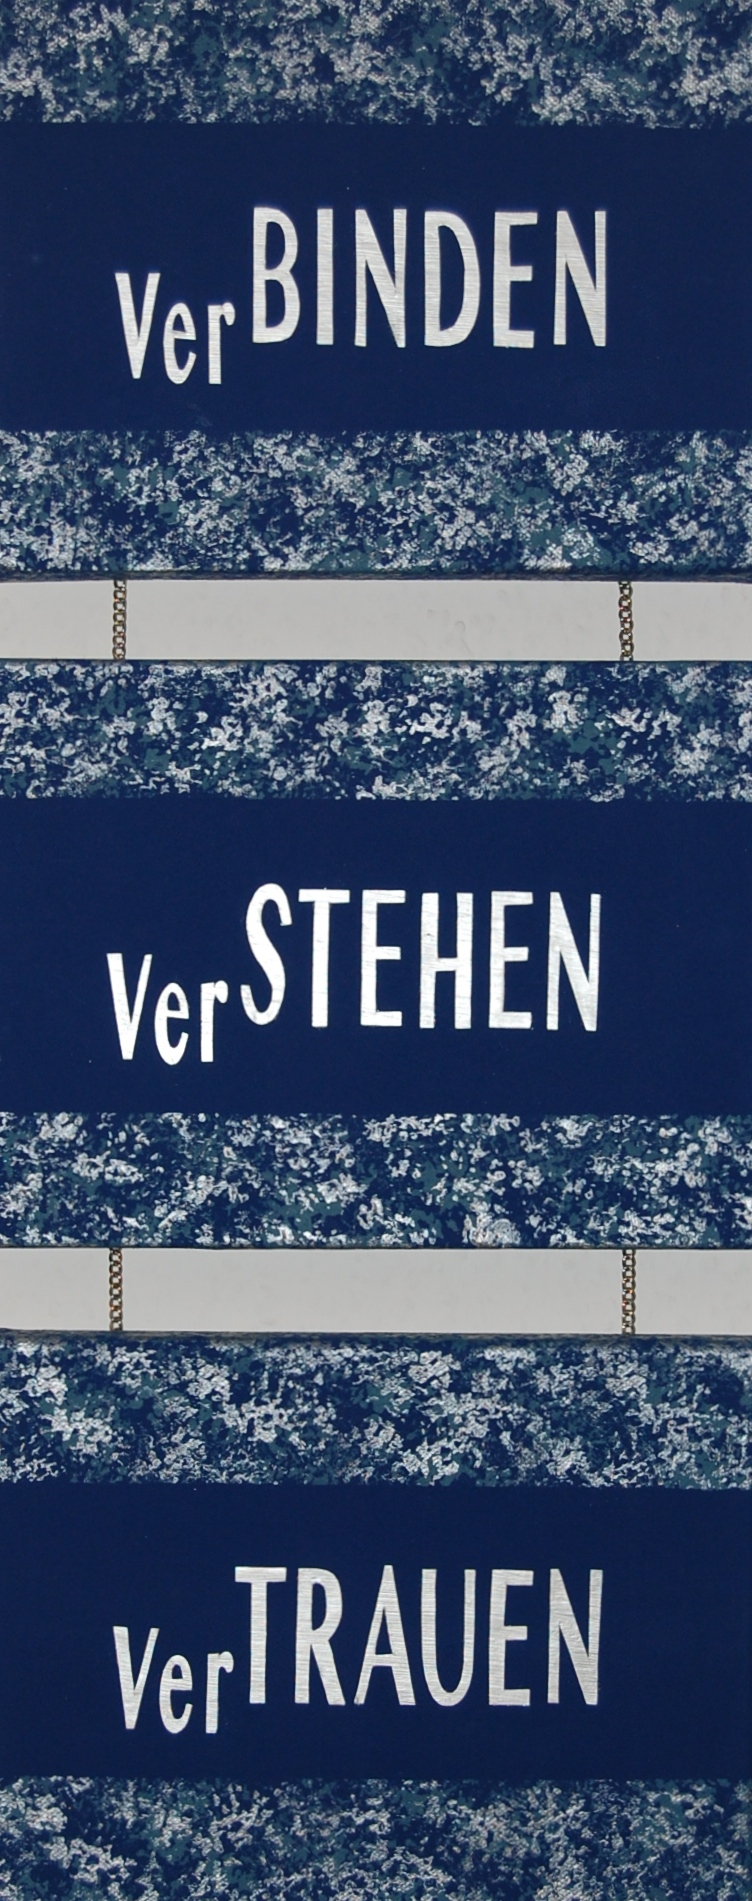 VerTRAUEN 64 x 24 cm